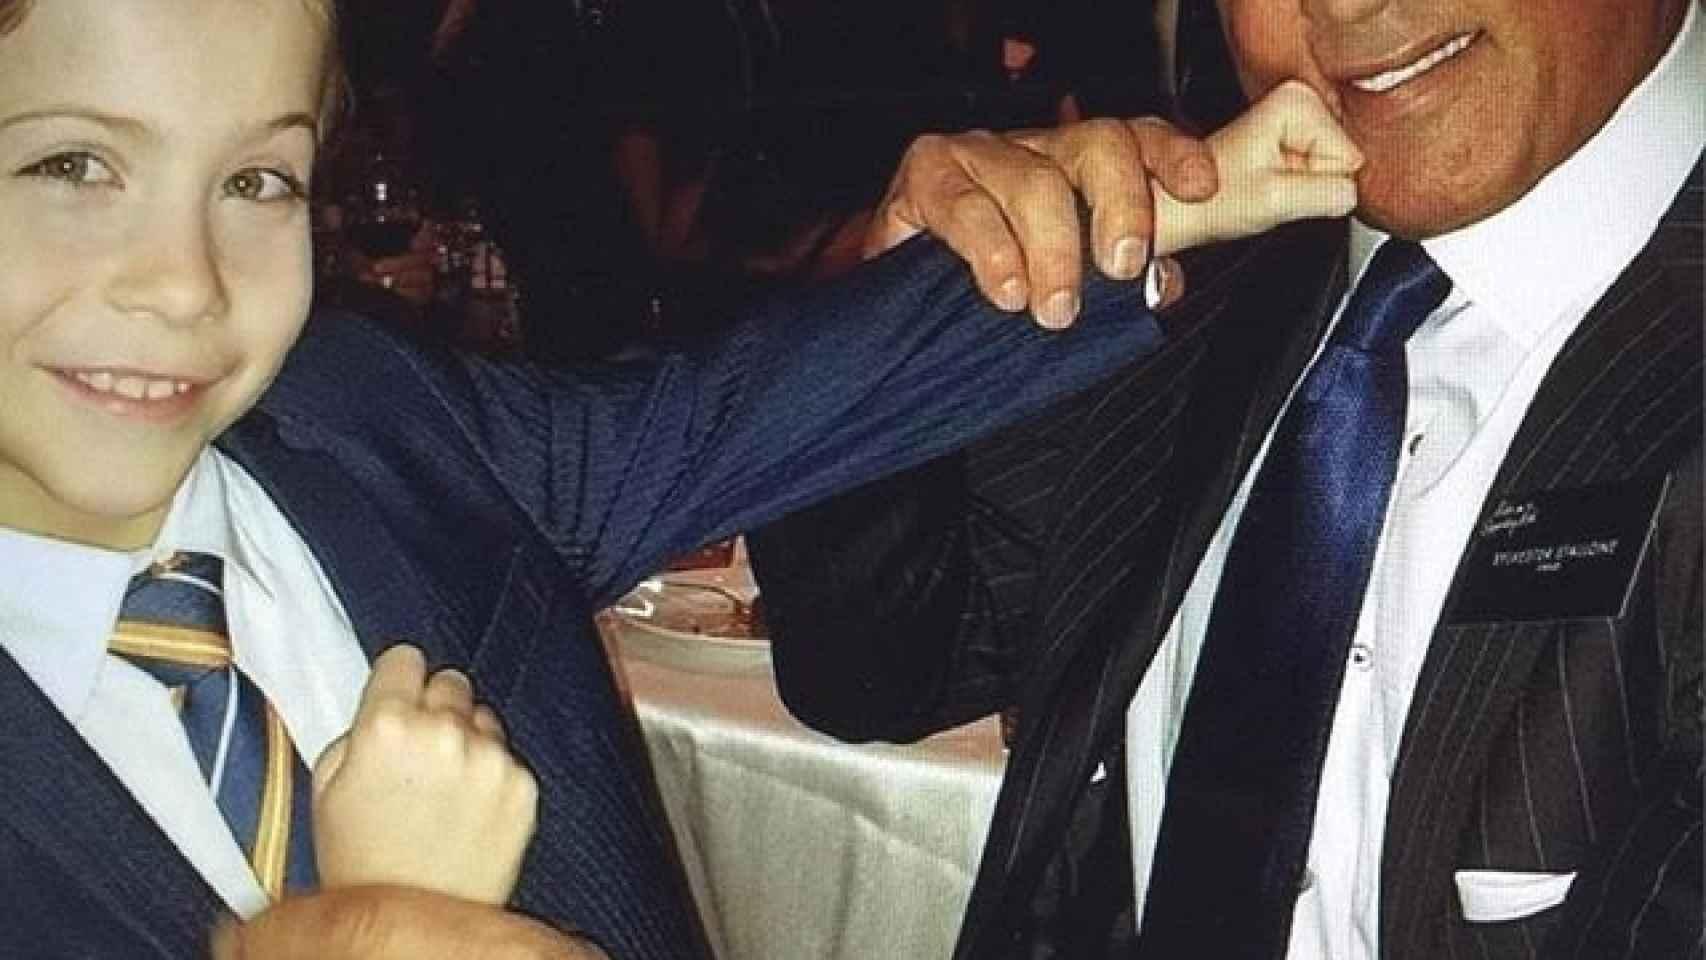 Los nominados Jacob Tremblay y Sylvester Stallone  en la cena de nominados